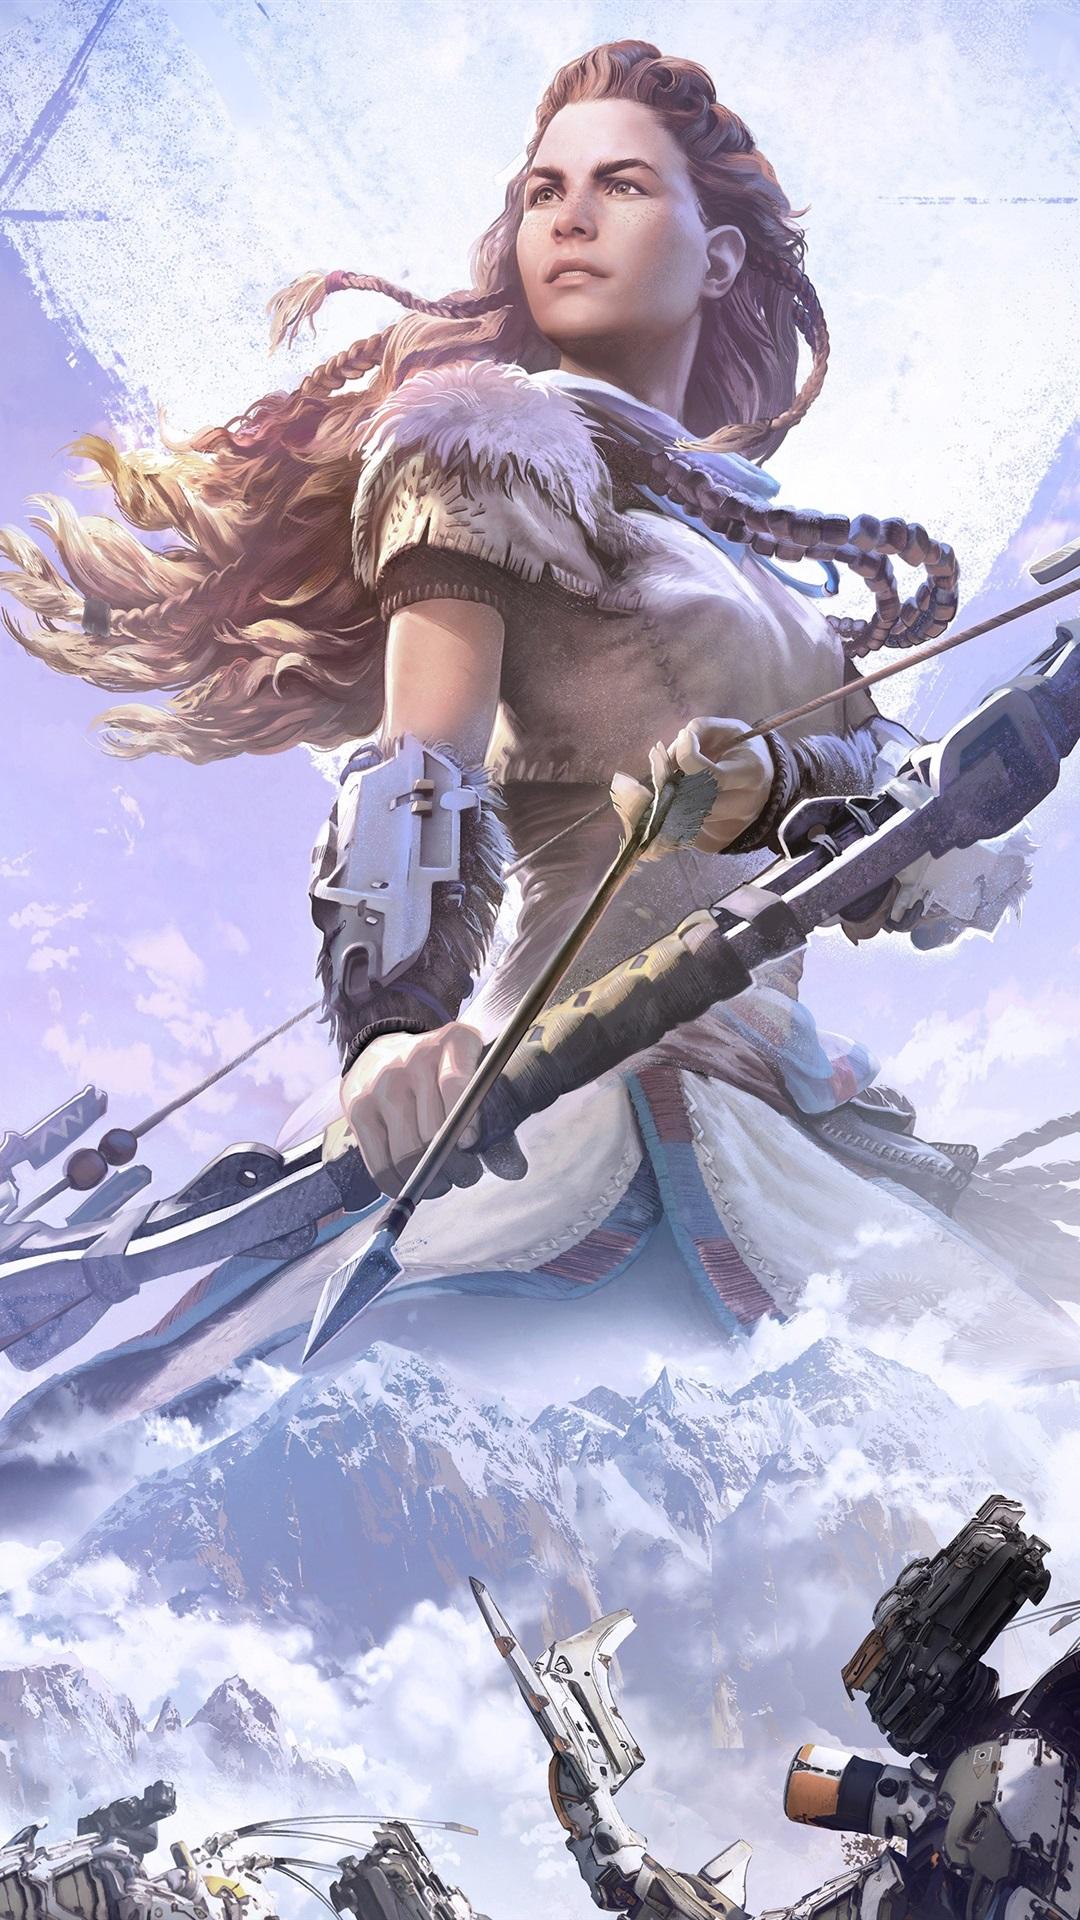 Horizon Zero Dawn Arquero Chica Juegos De Ps4 1080x1920